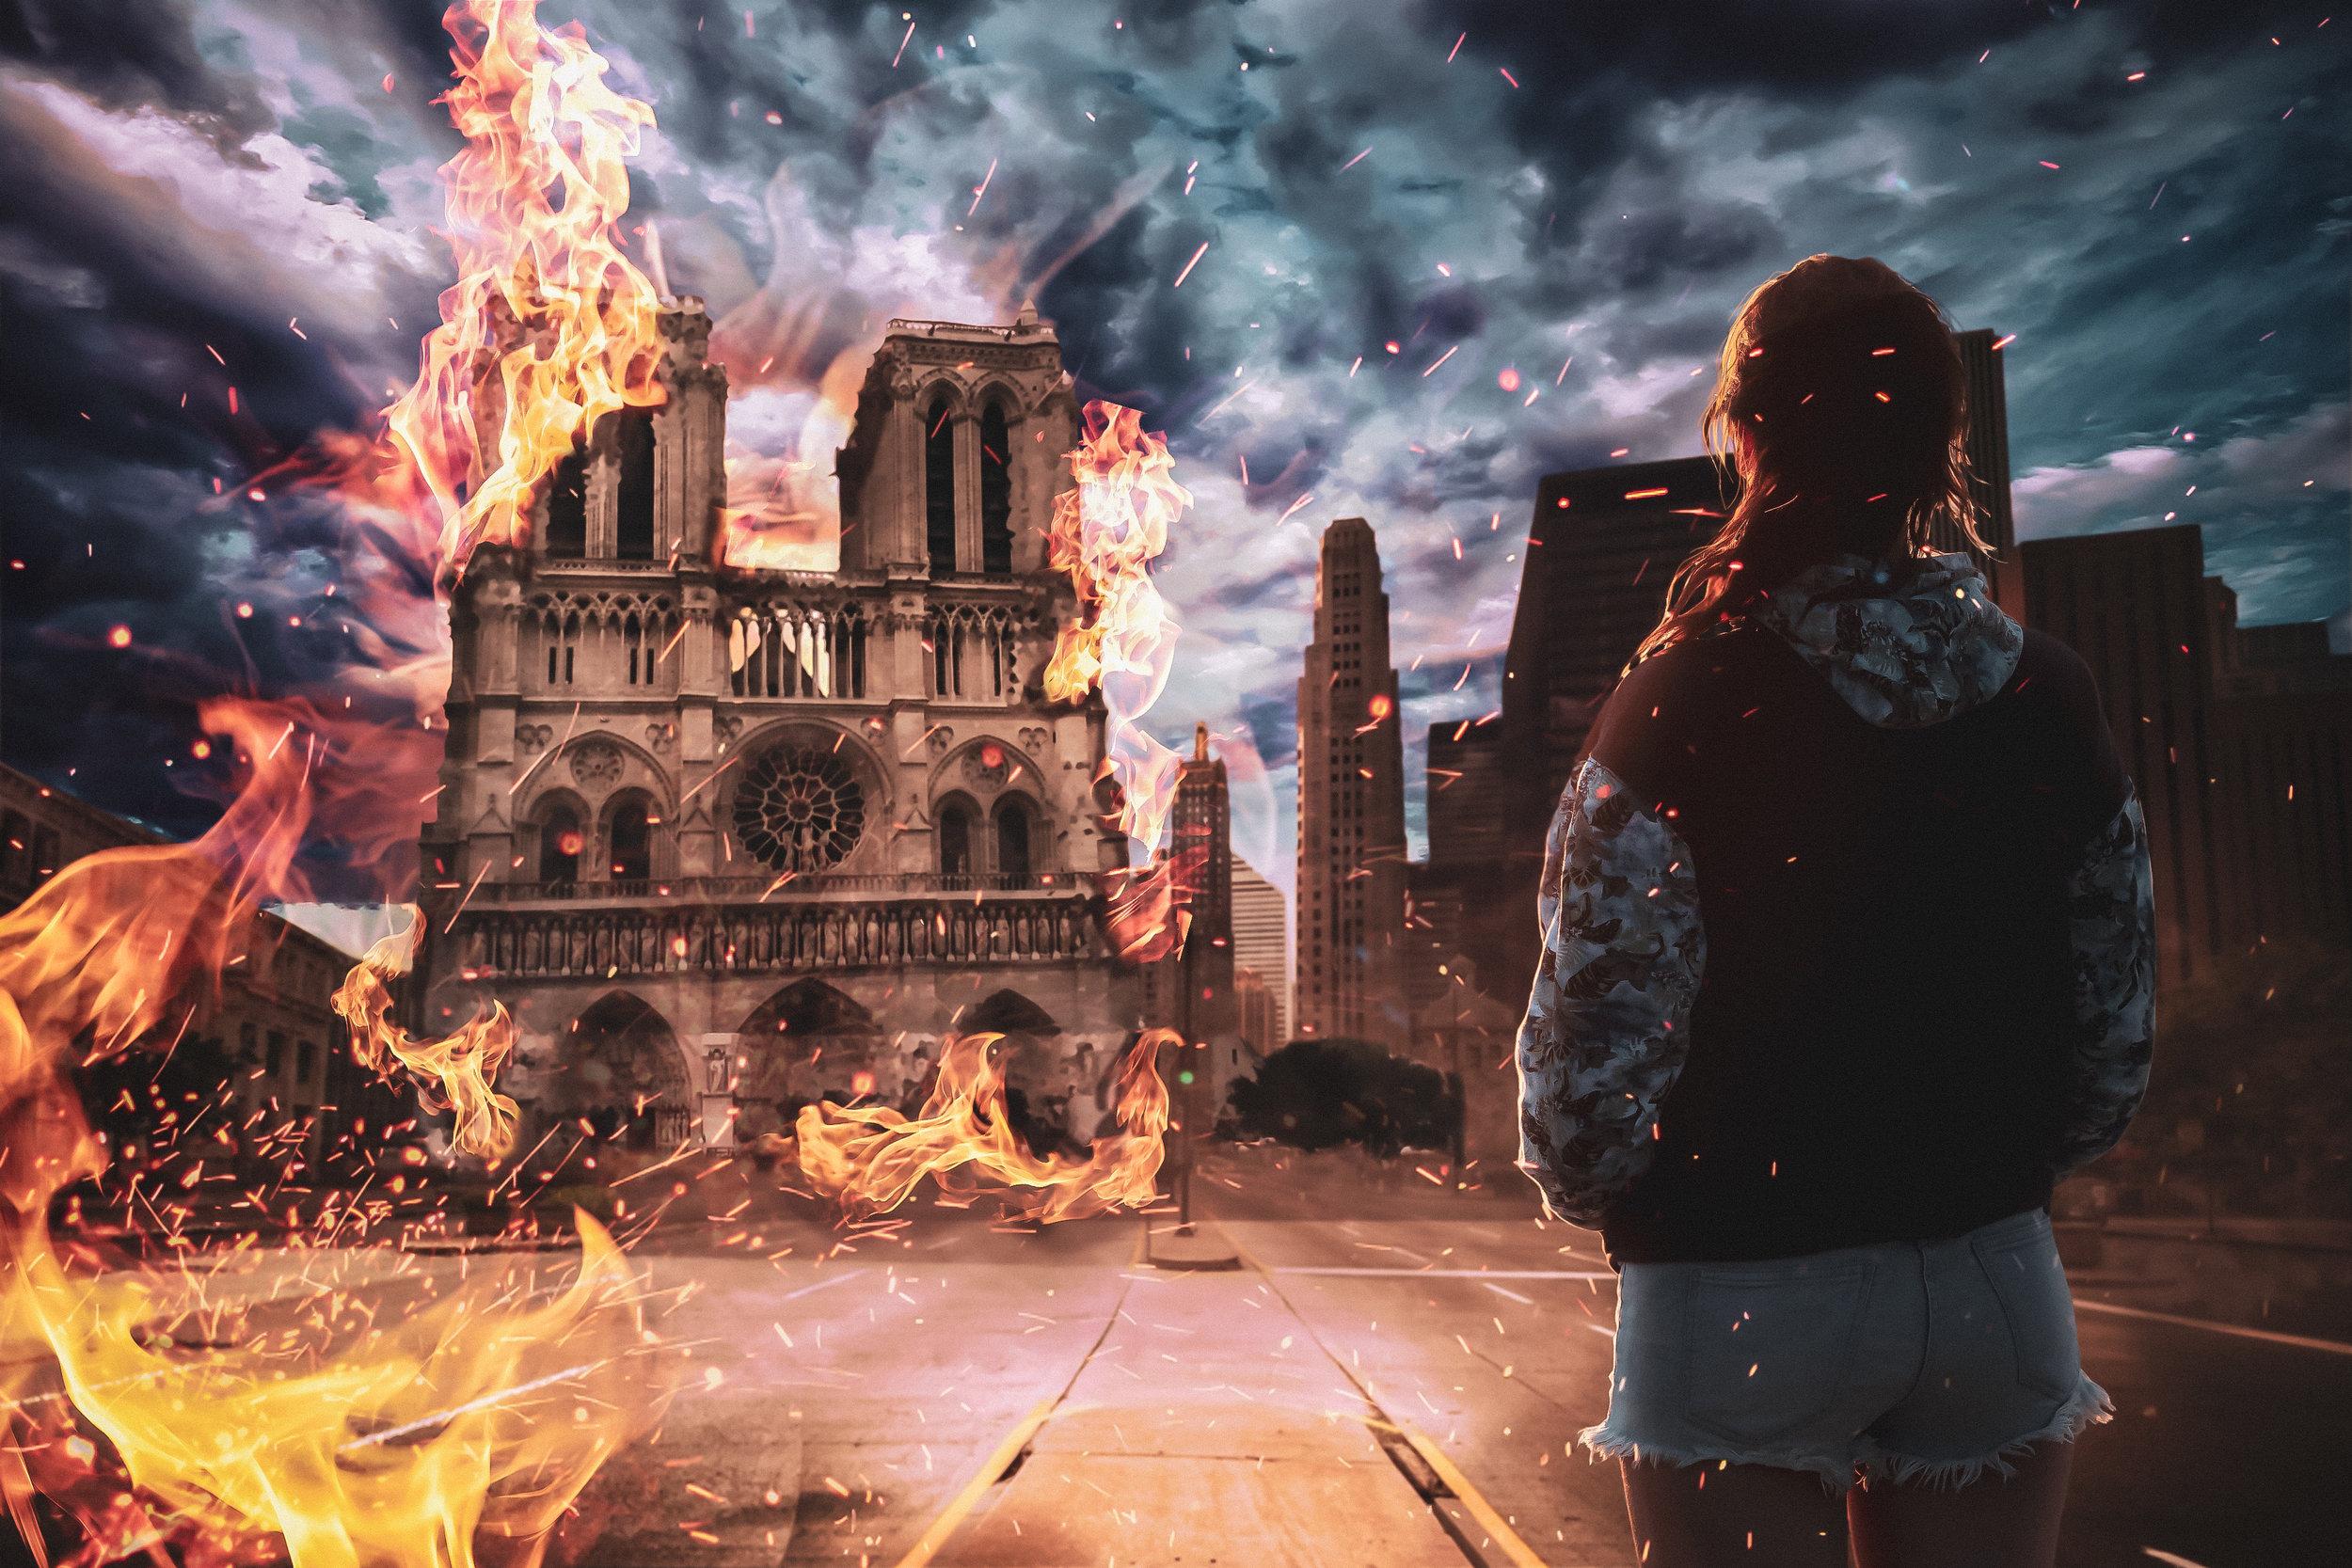 NOTRE DAME - Niña observando el incendio de Notre Dame.